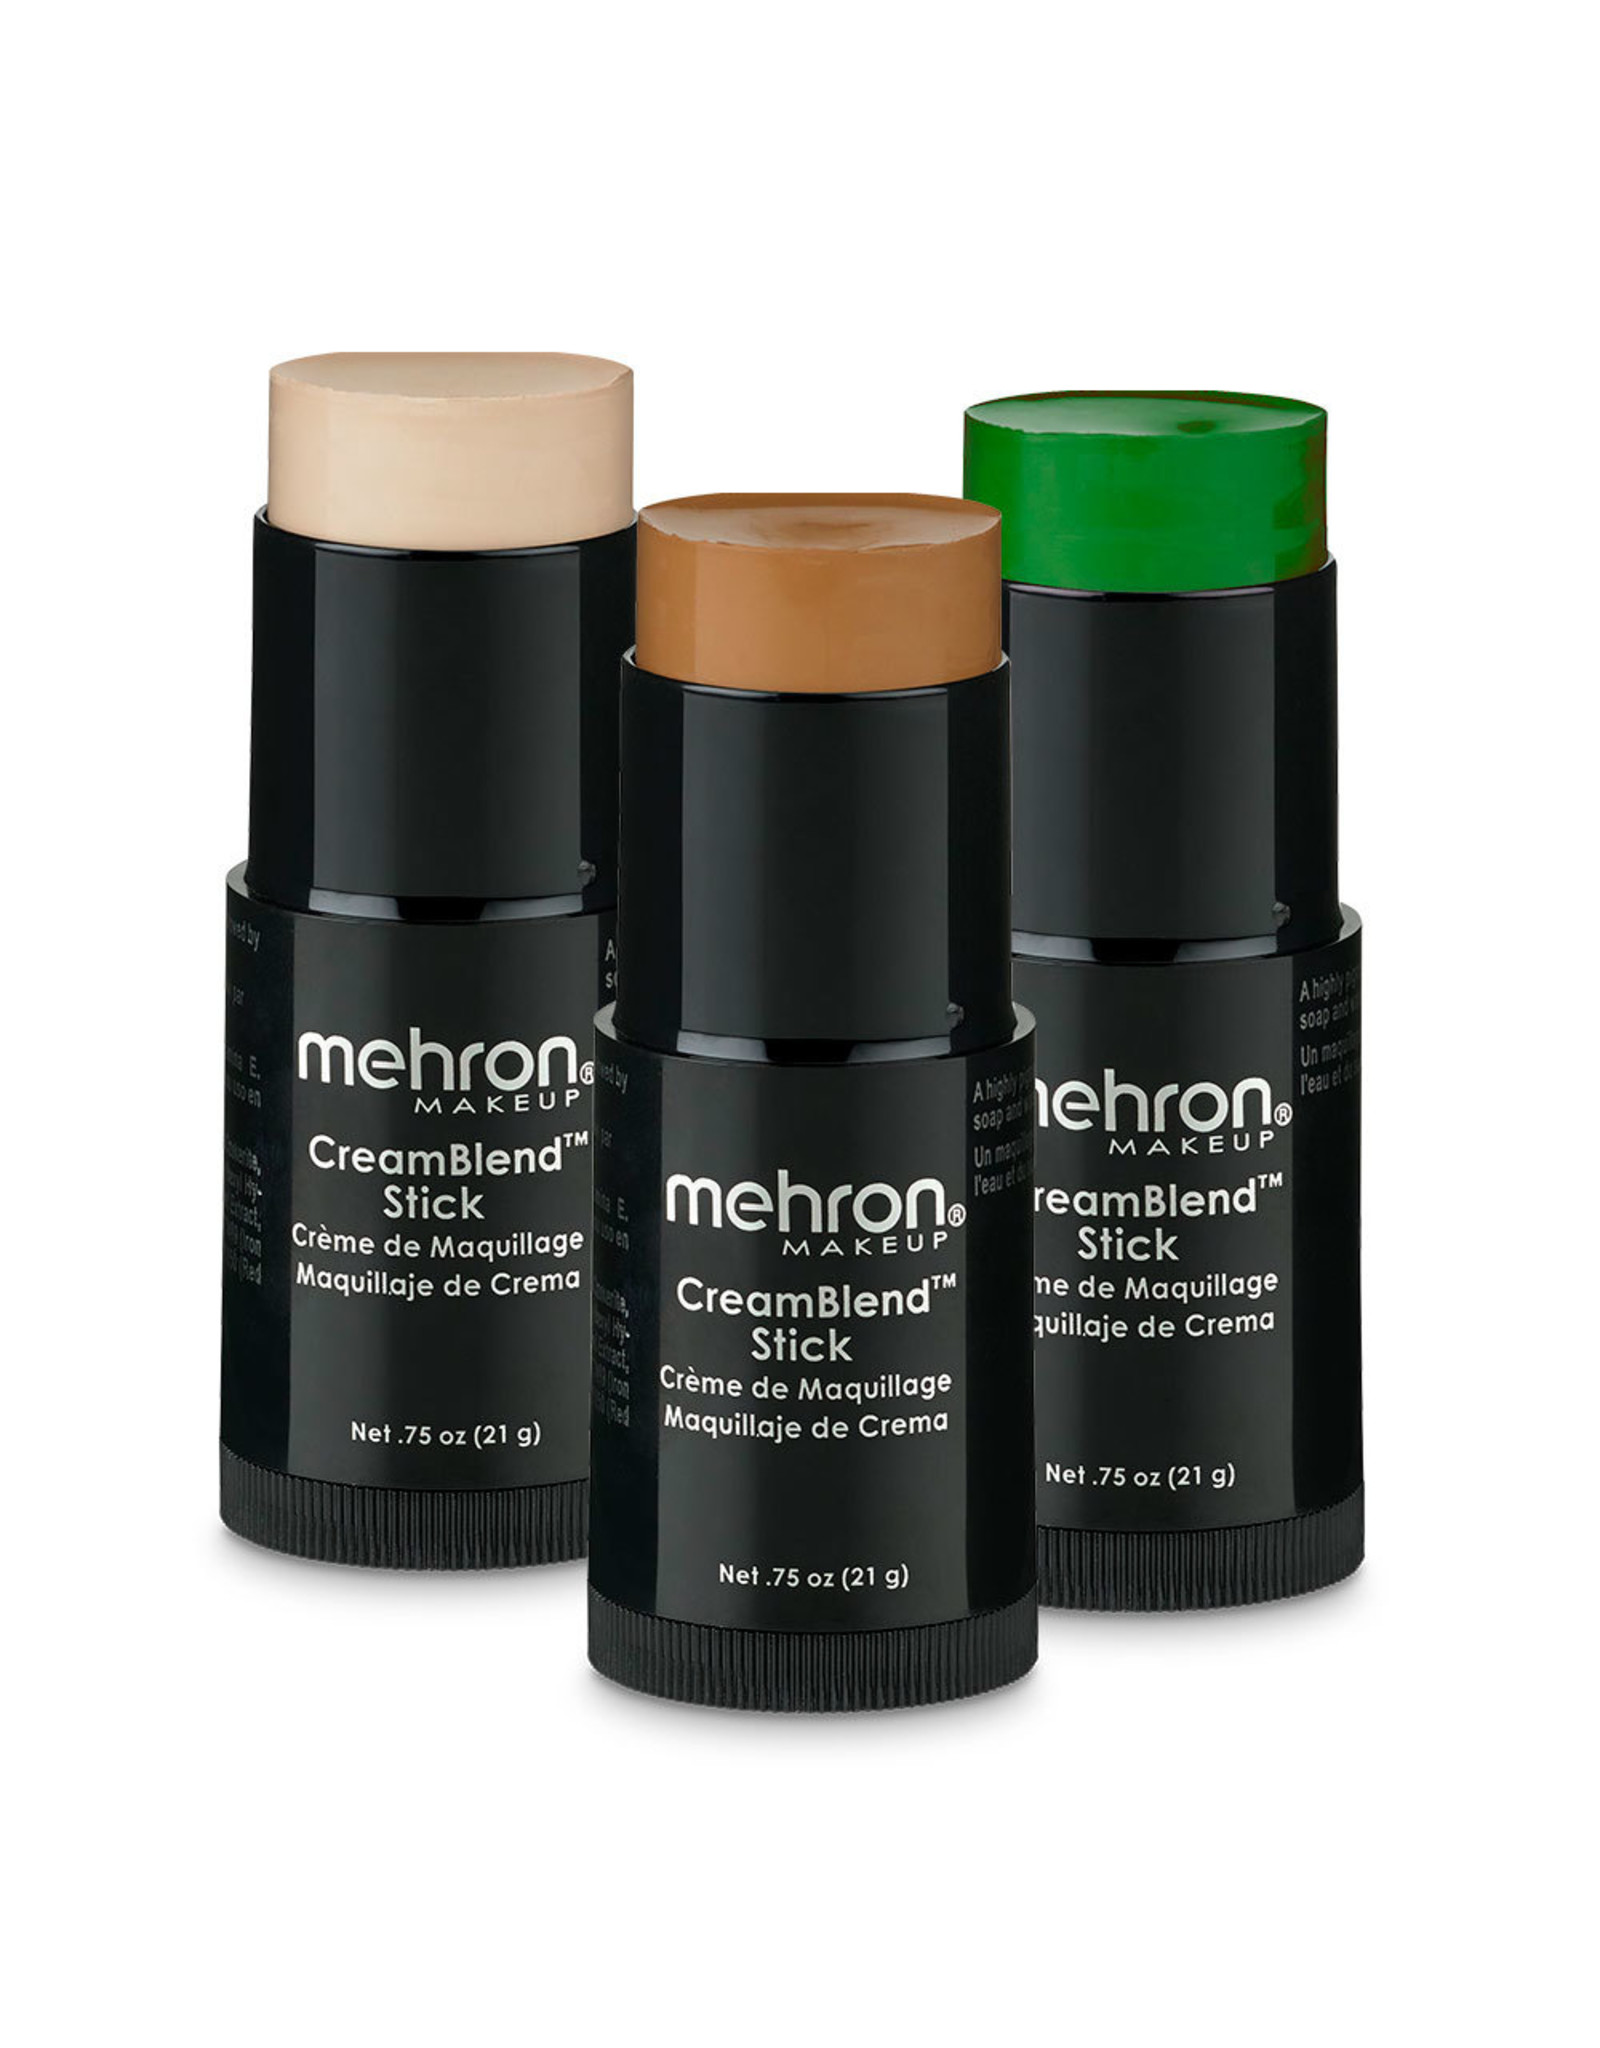 Mehron Creamblend Stick Makeup